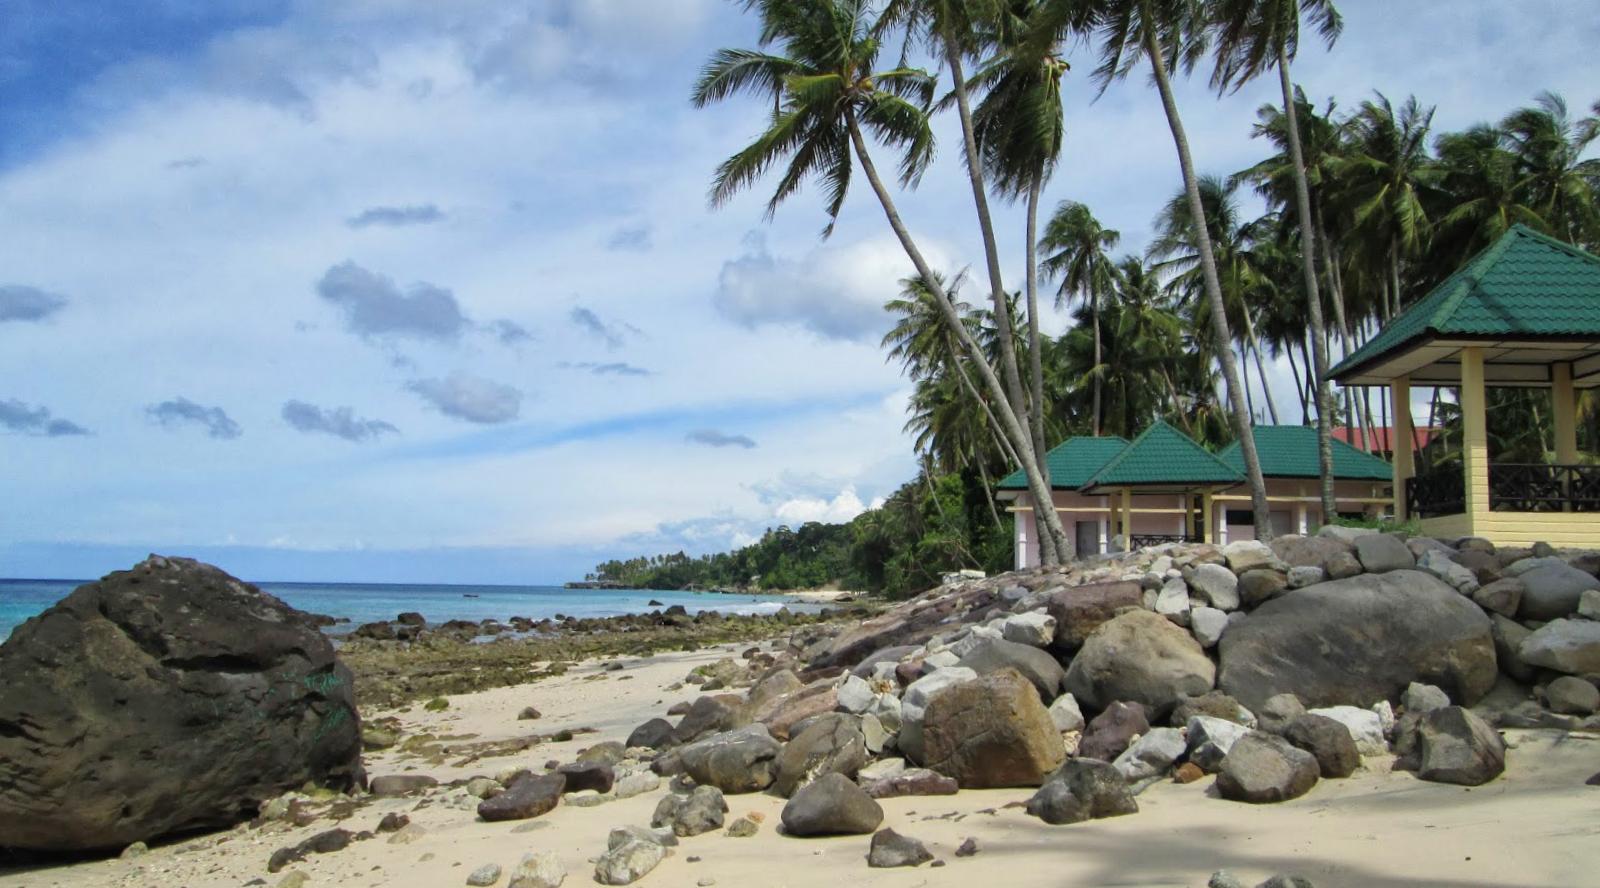 wisata indonesia Pantai Sumur Tiga travelling